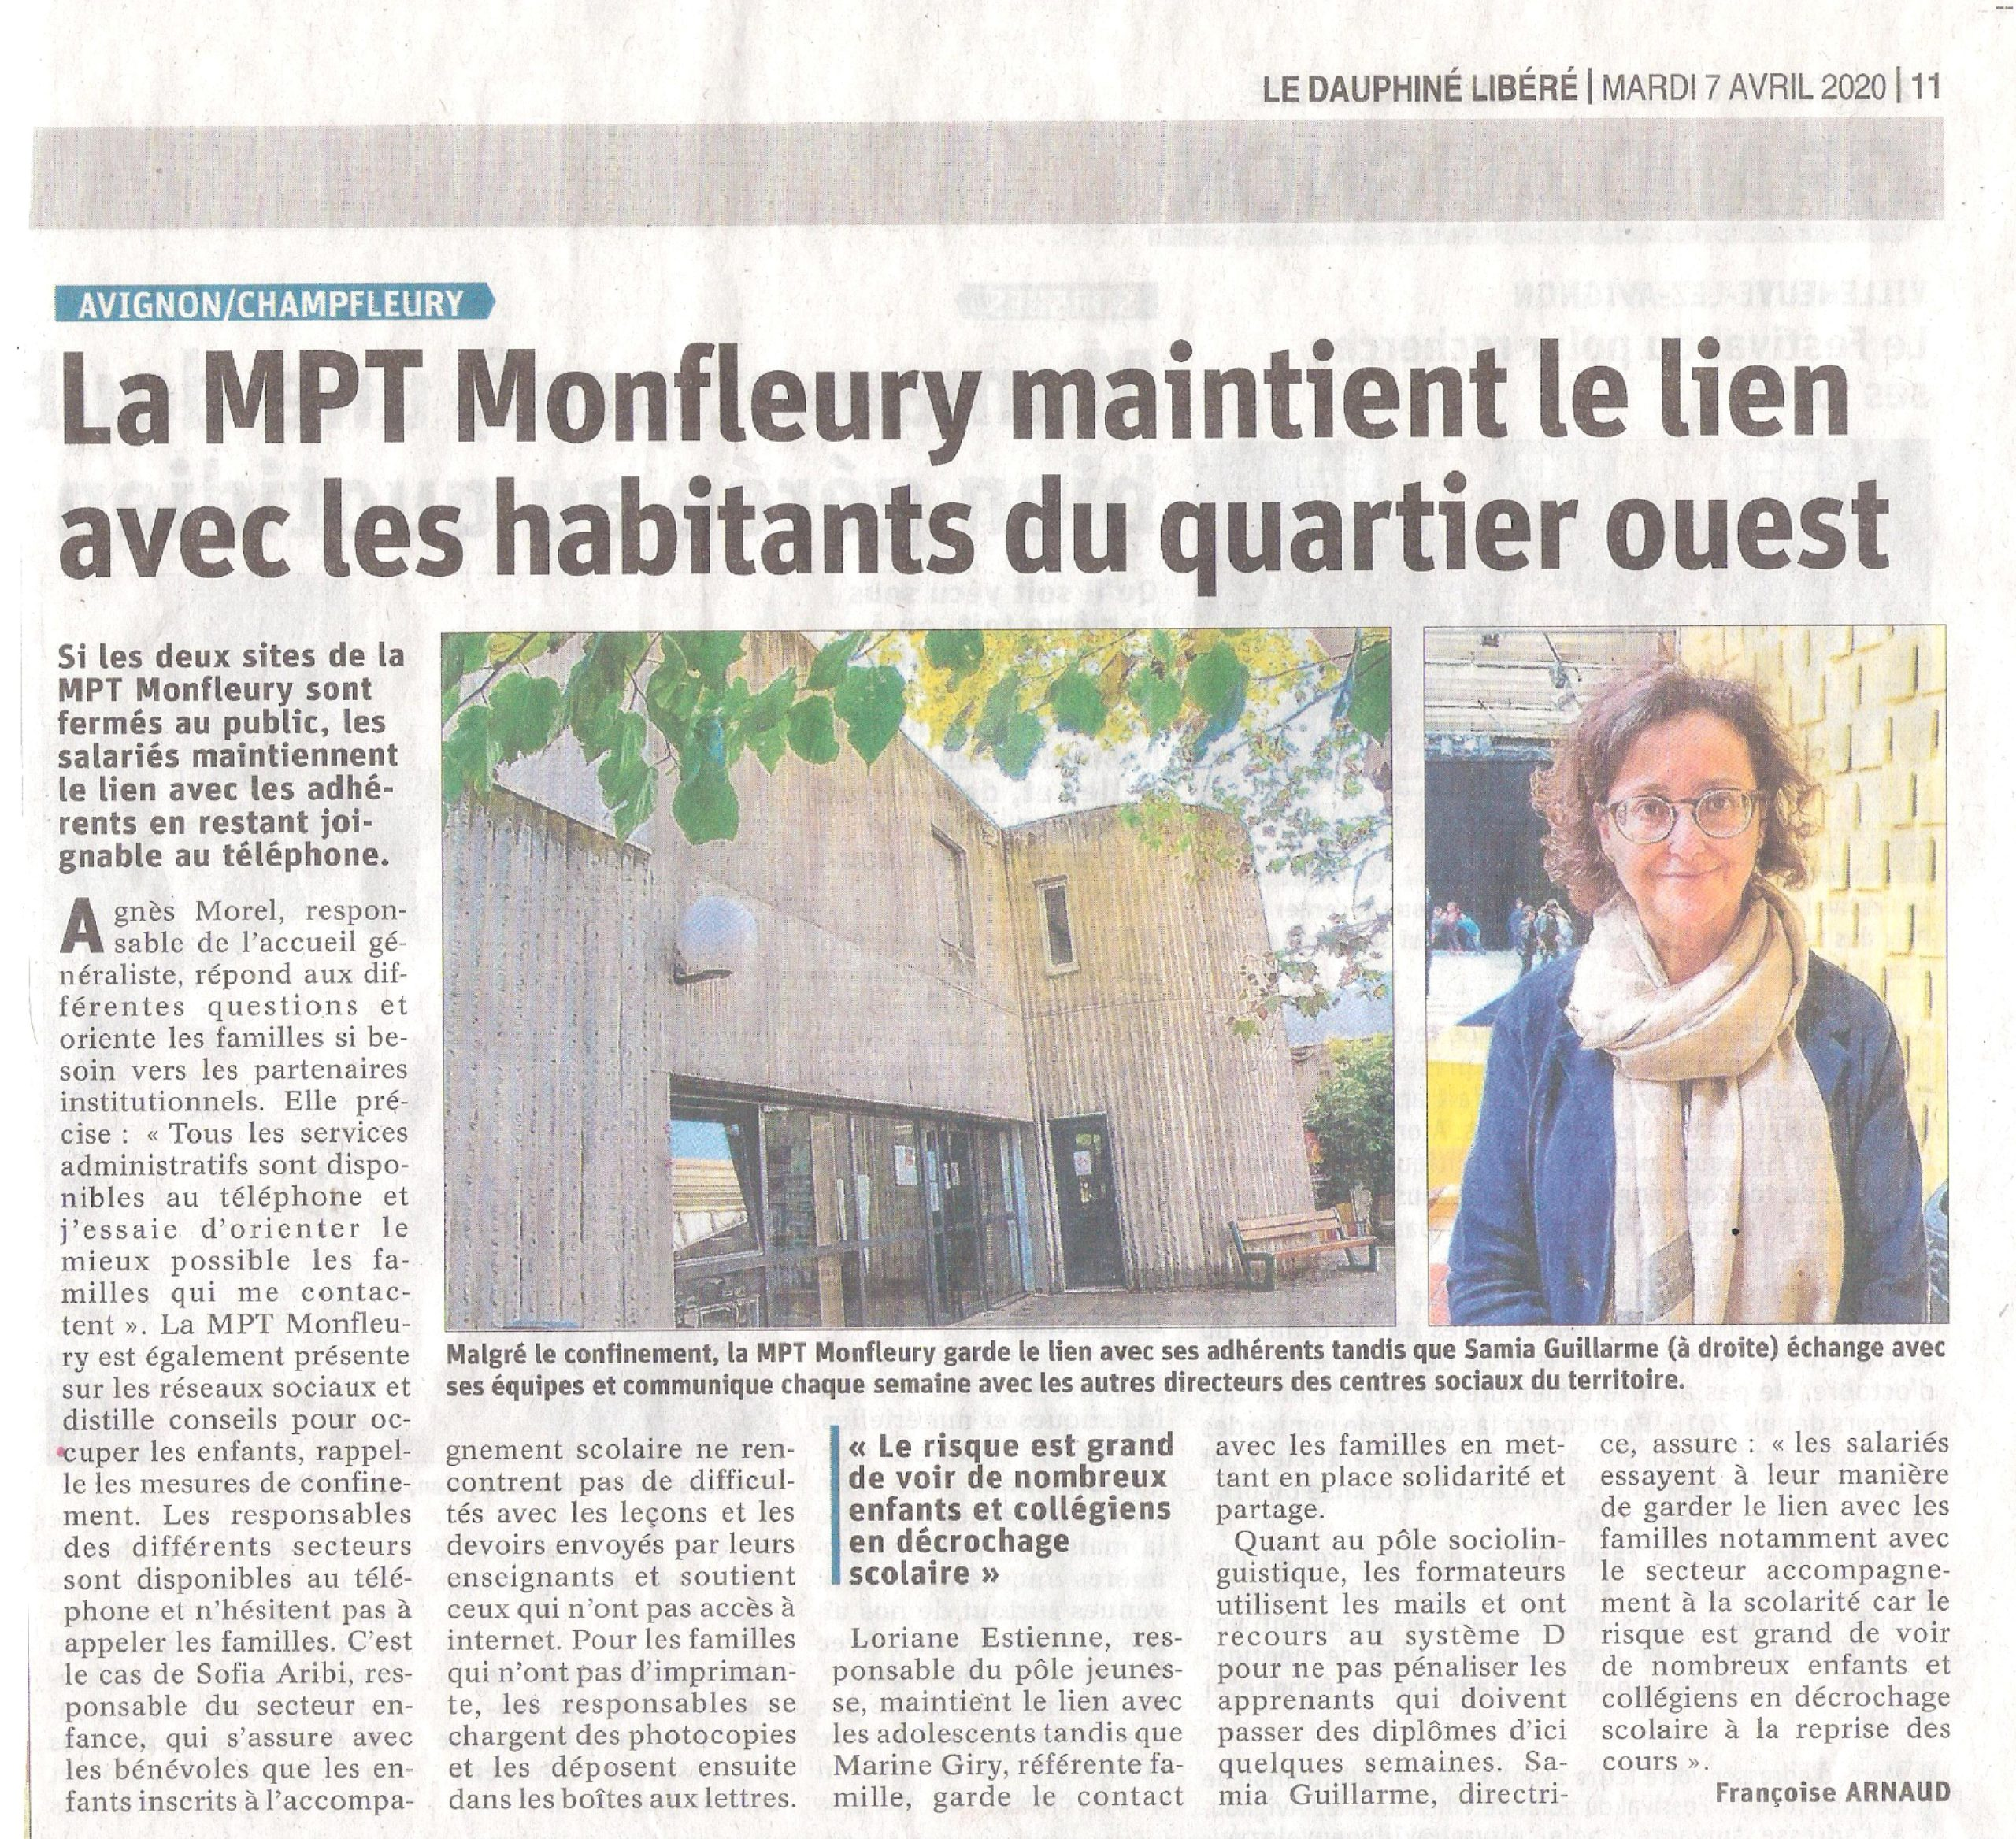 La MPT Monfleury maintient le lien avec les habitants du quartier ouest